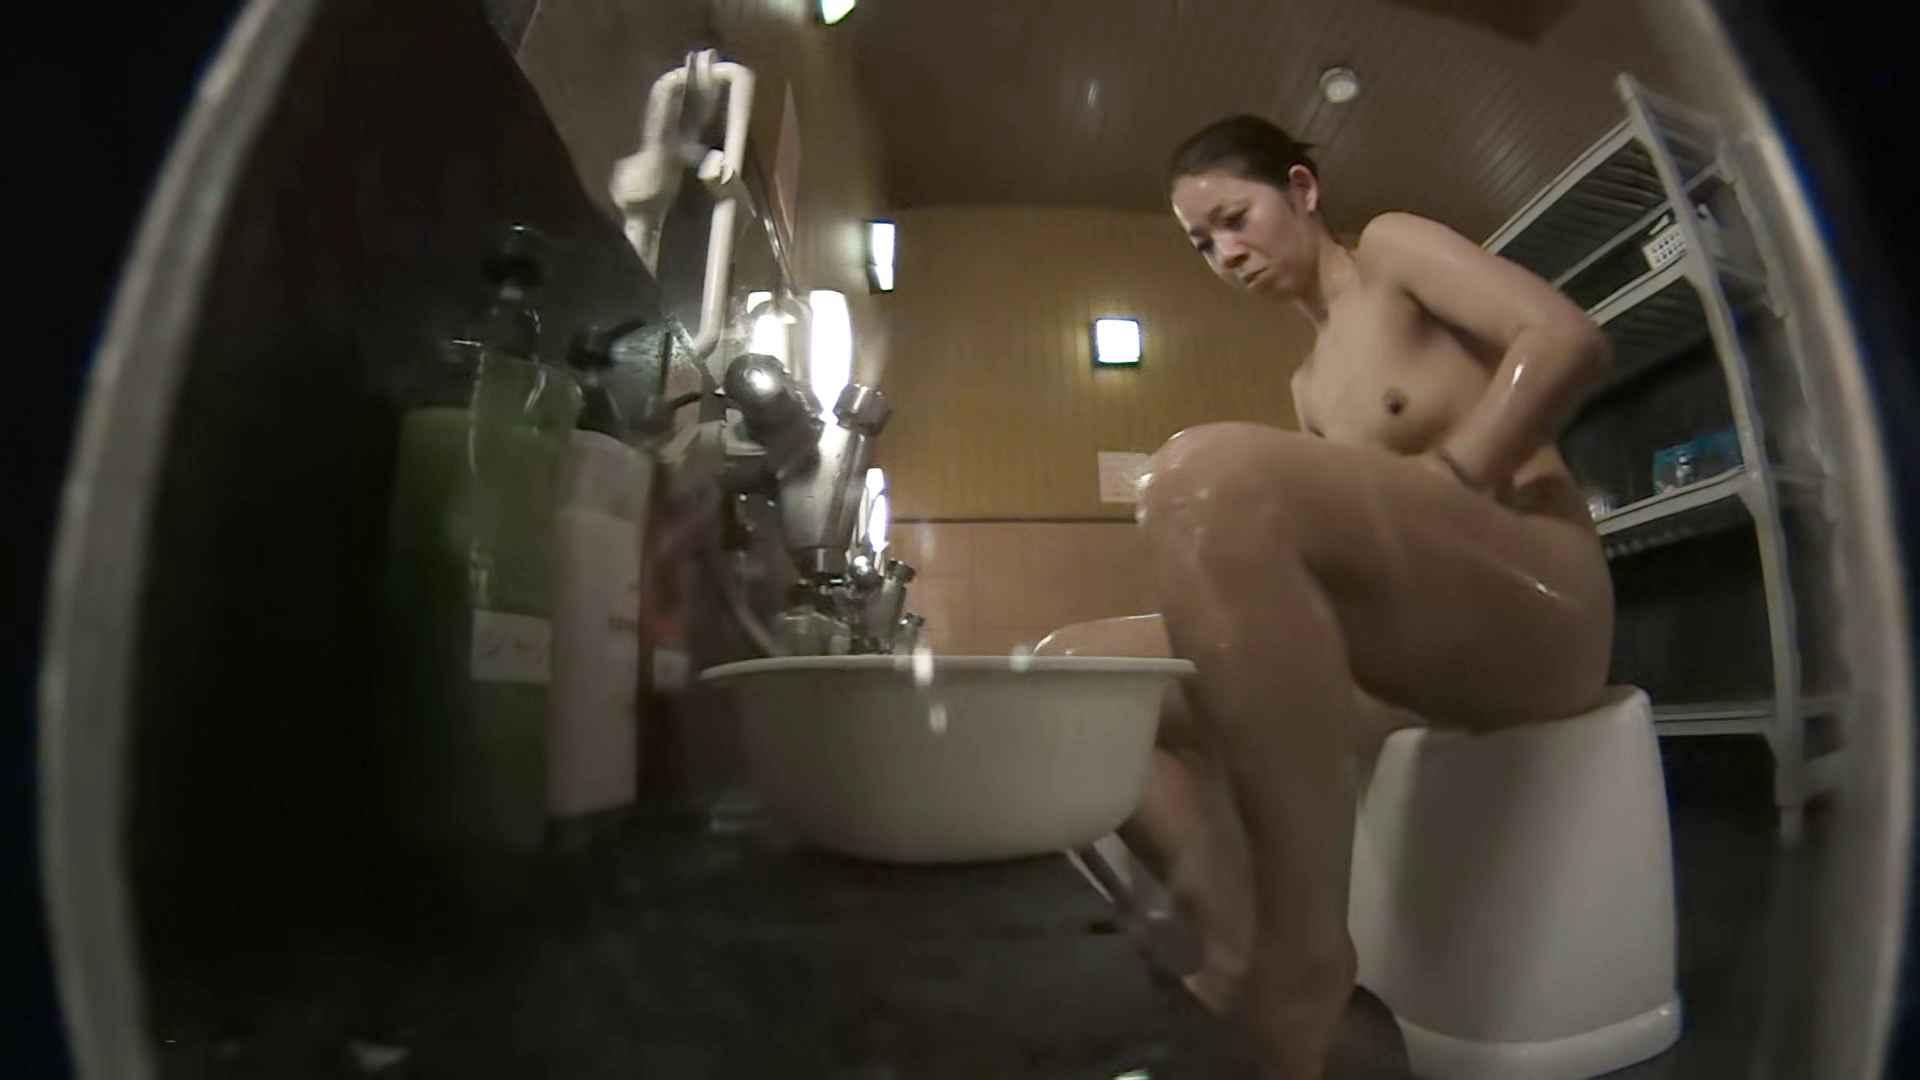 TG.11 お目々パッチリでバカっぽいオネエさん 女湯のぞき アダルト動画キャプチャ 91枚 19